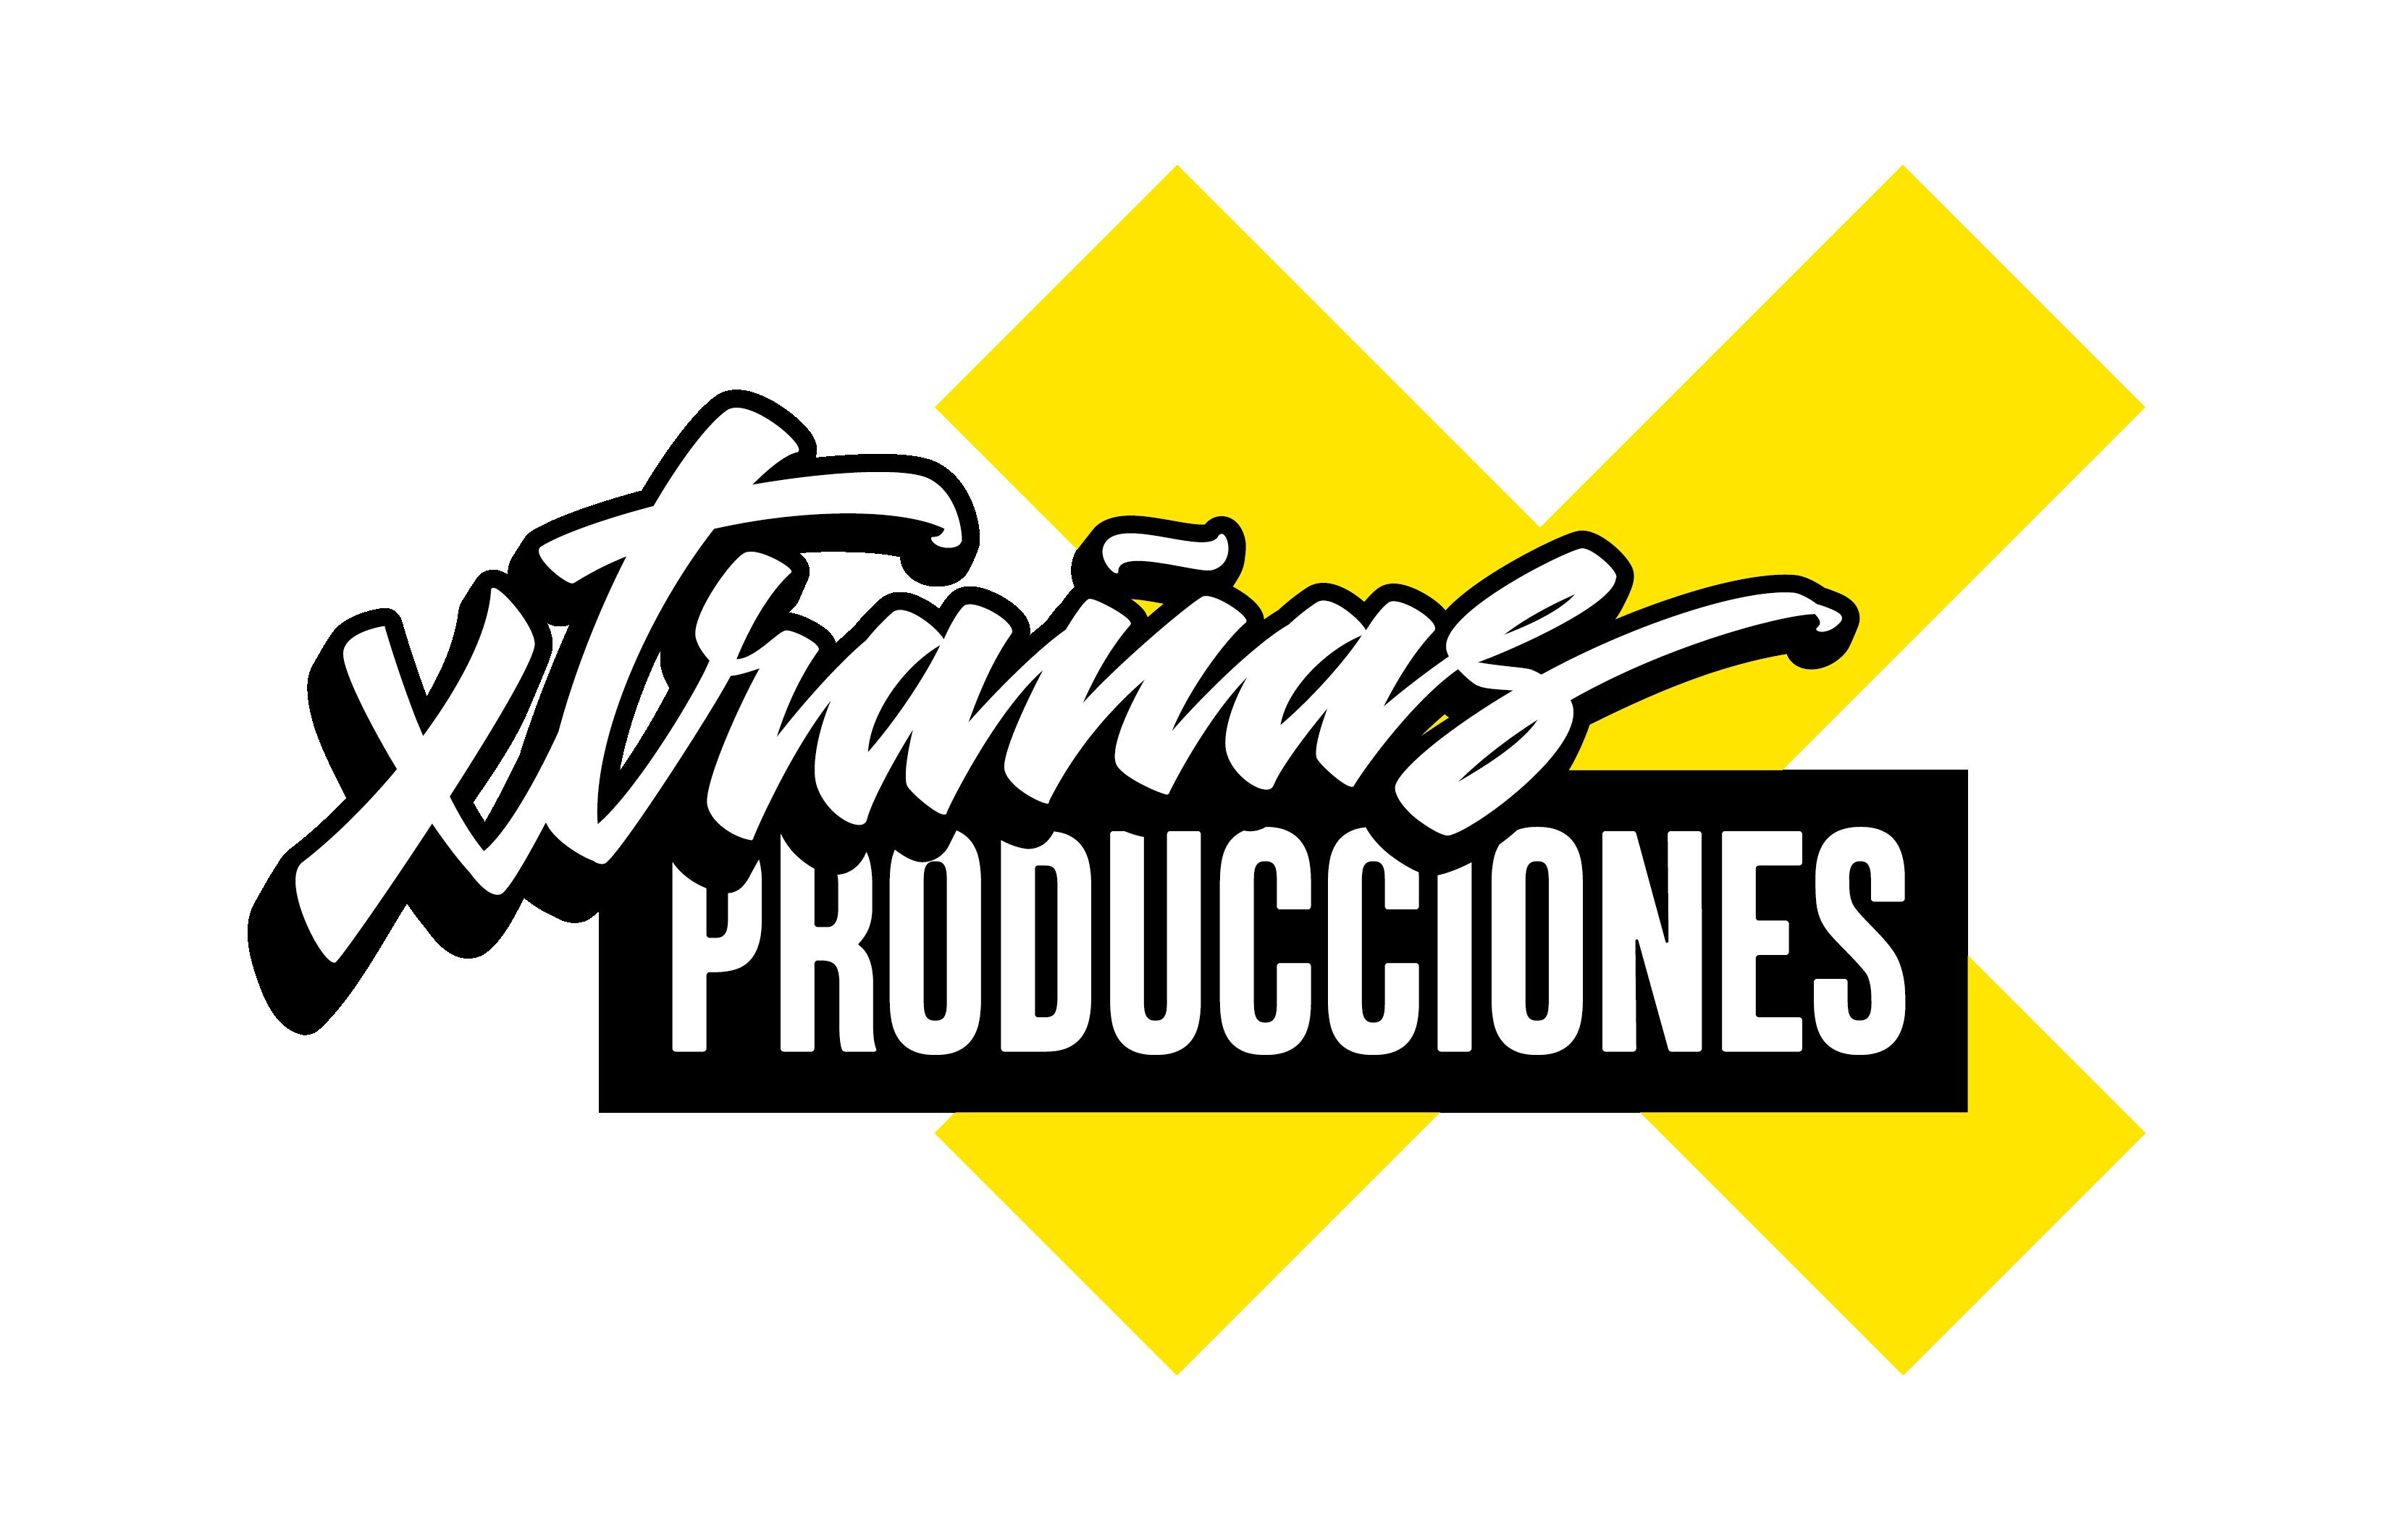 Xtrañas Producciones